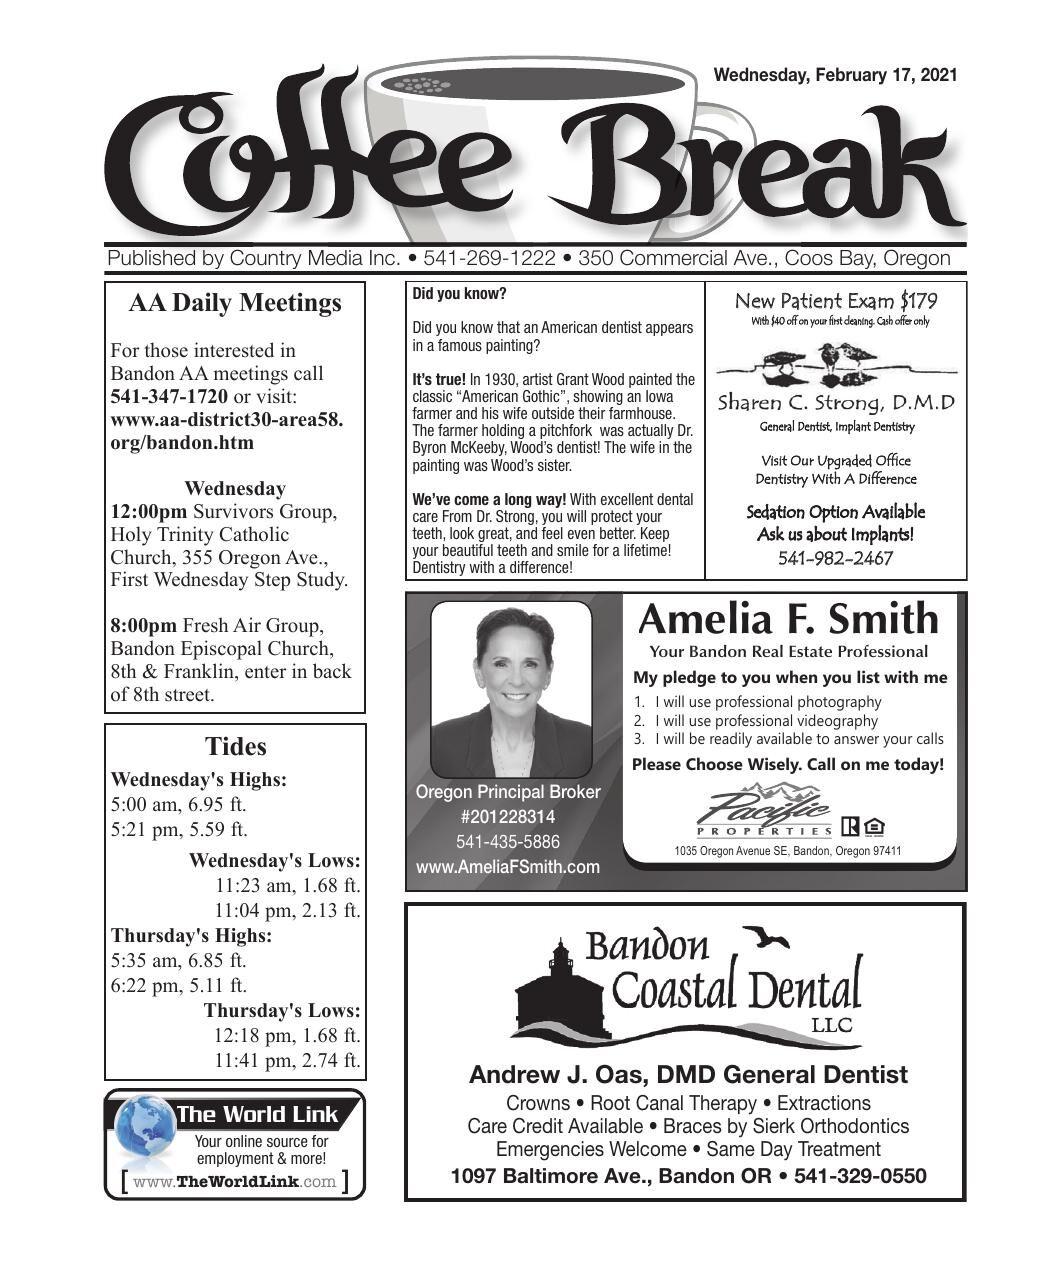 February 17, 2021 Coffee Break